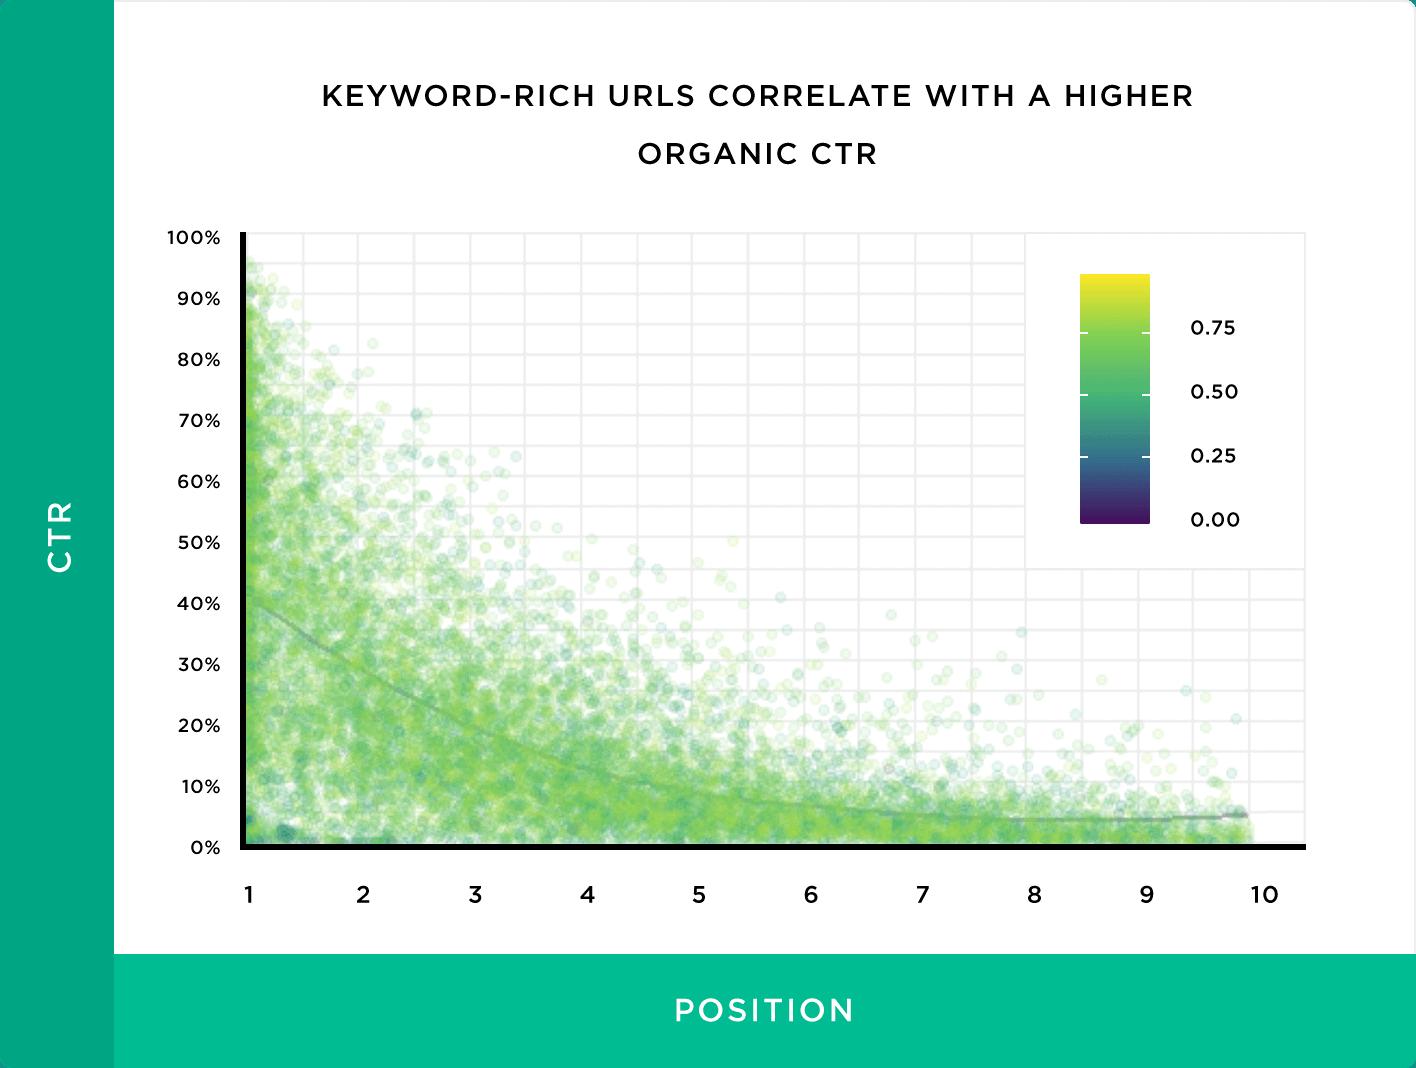 Keyword-rich URLs correlate with a higher organic CTR